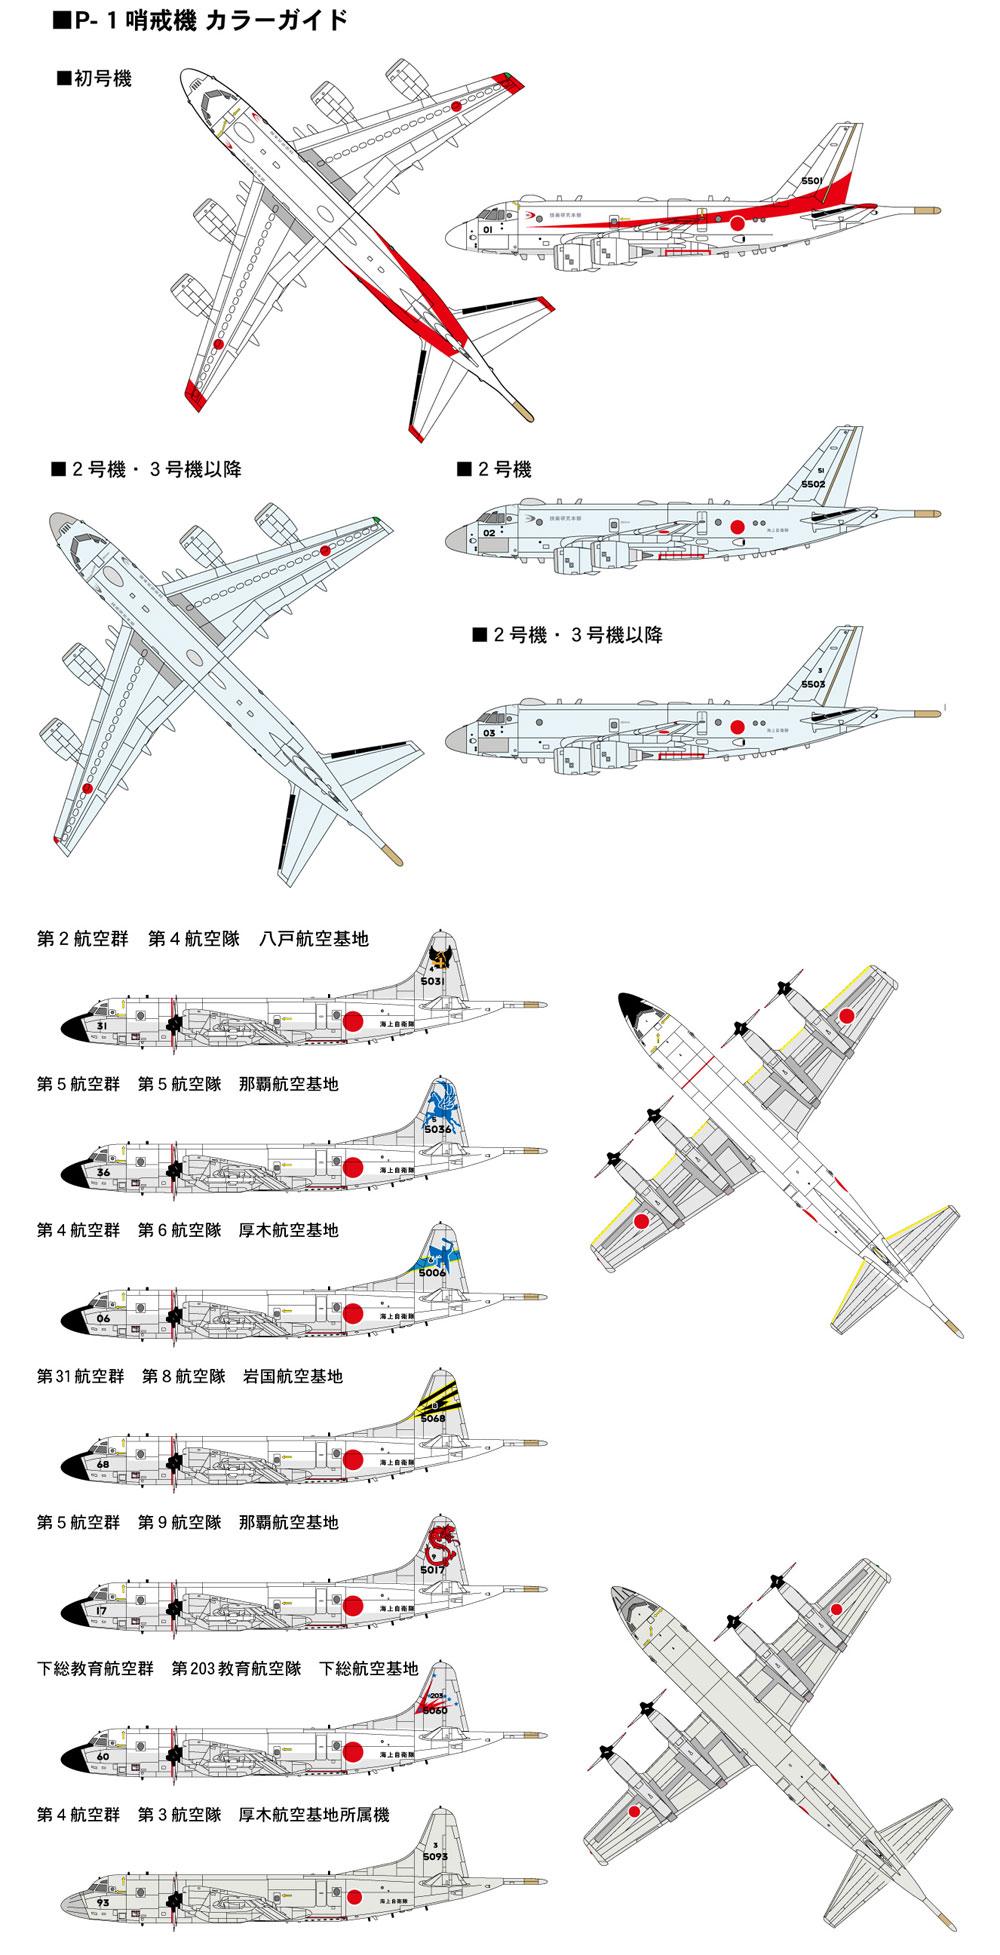 海上自衛隊 哨戒機セットプラモデル(ピットロードスカイウェーブ S シリーズNo.S044)商品画像_2